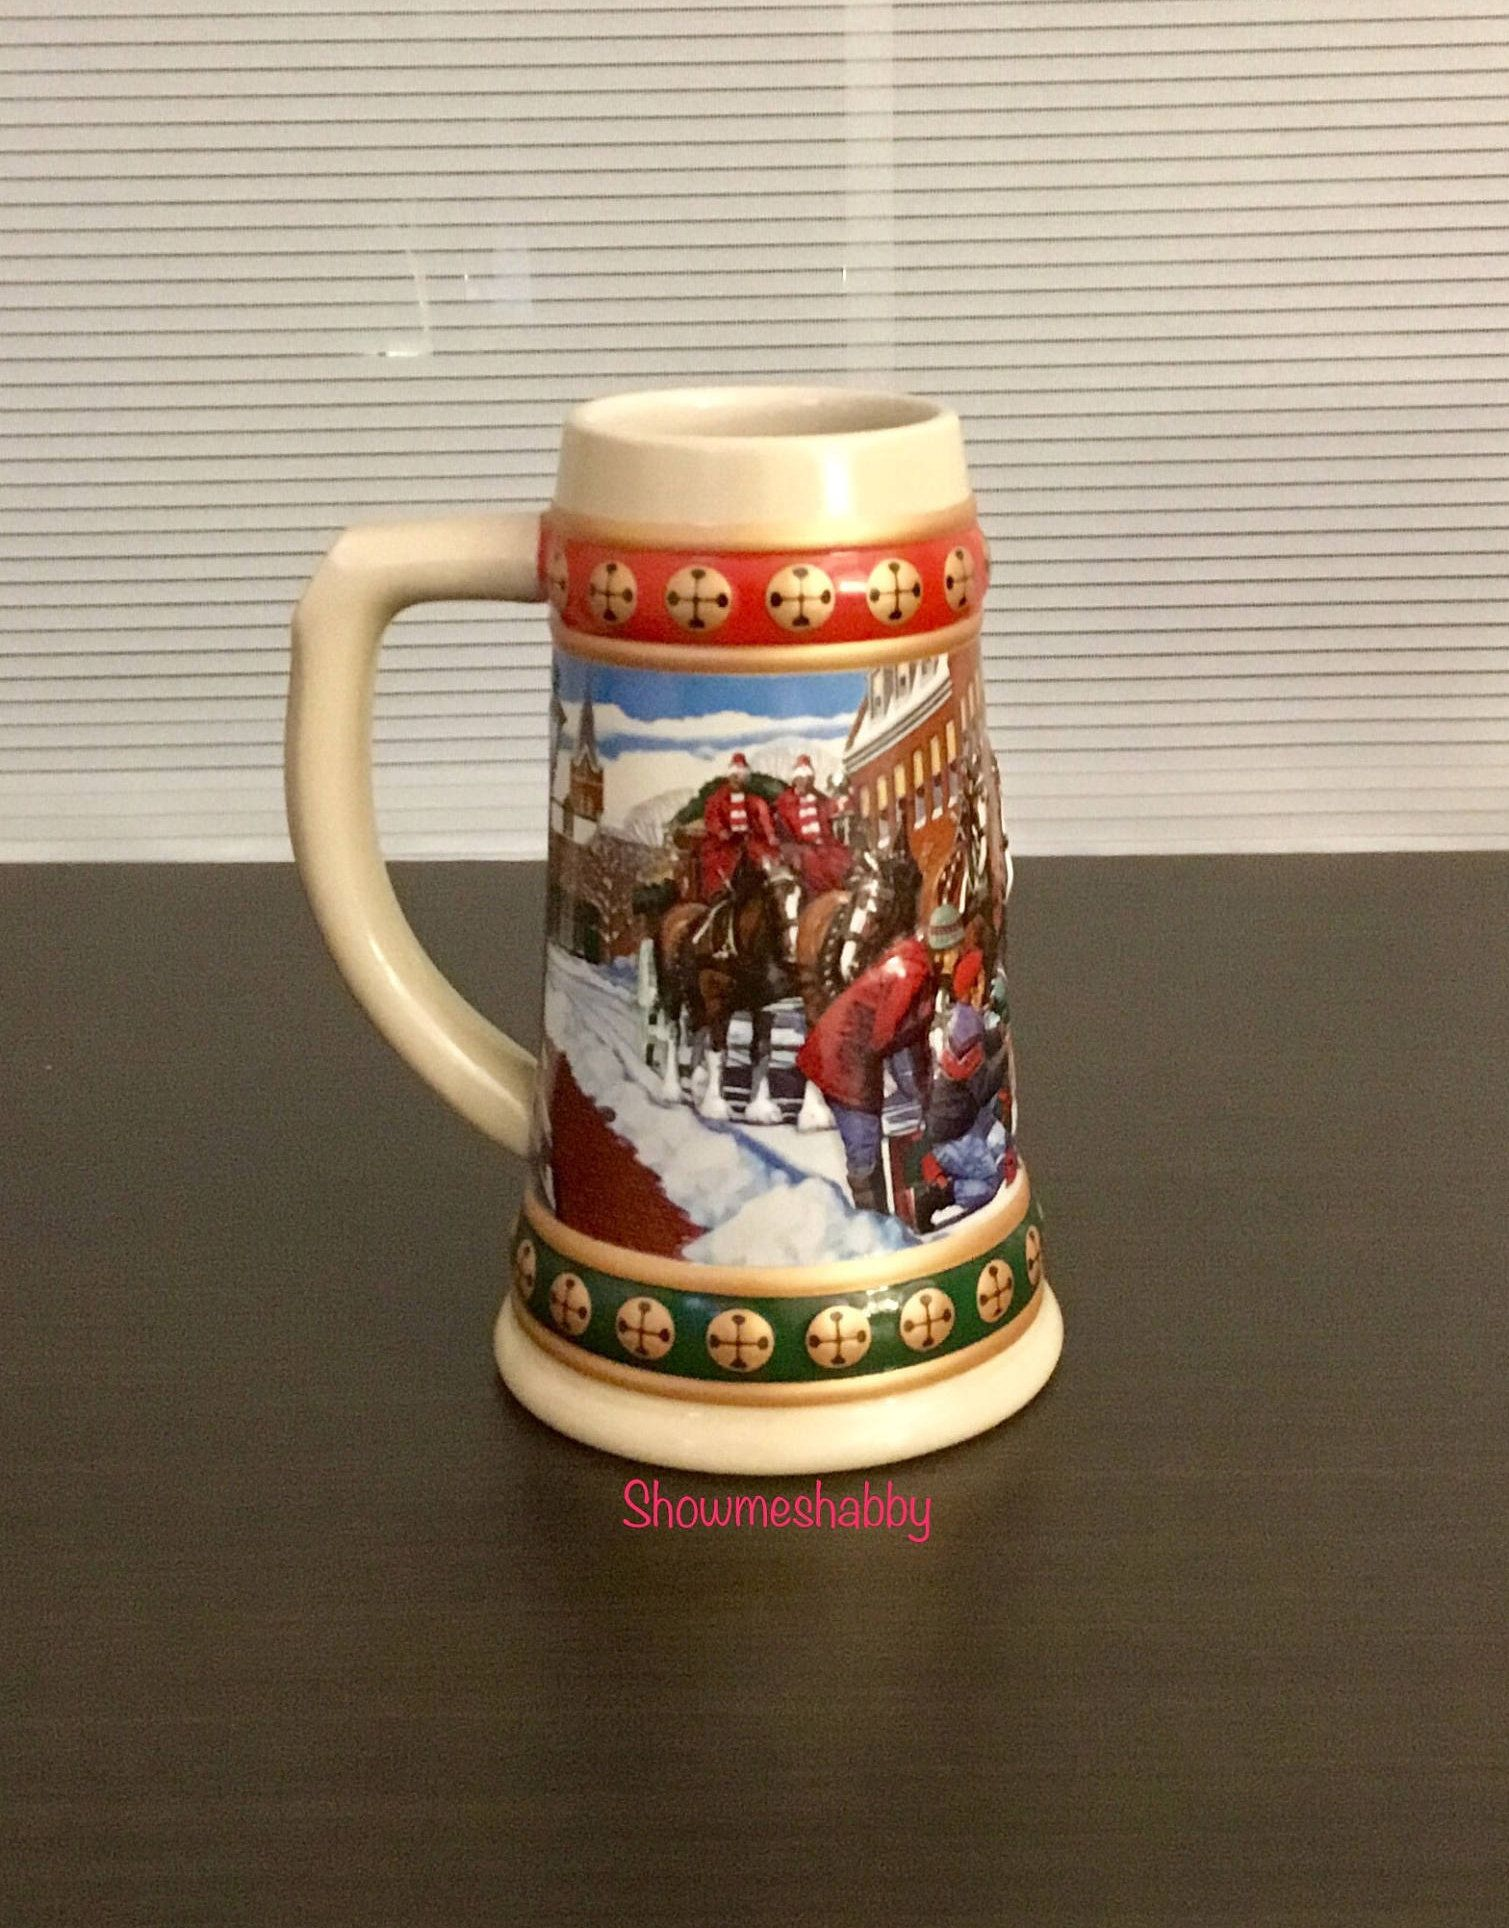 Anheuser Busch 2020 Christmas Stein Hometown Holiday Anheuser Busch Budweiser Bud Light Christmas